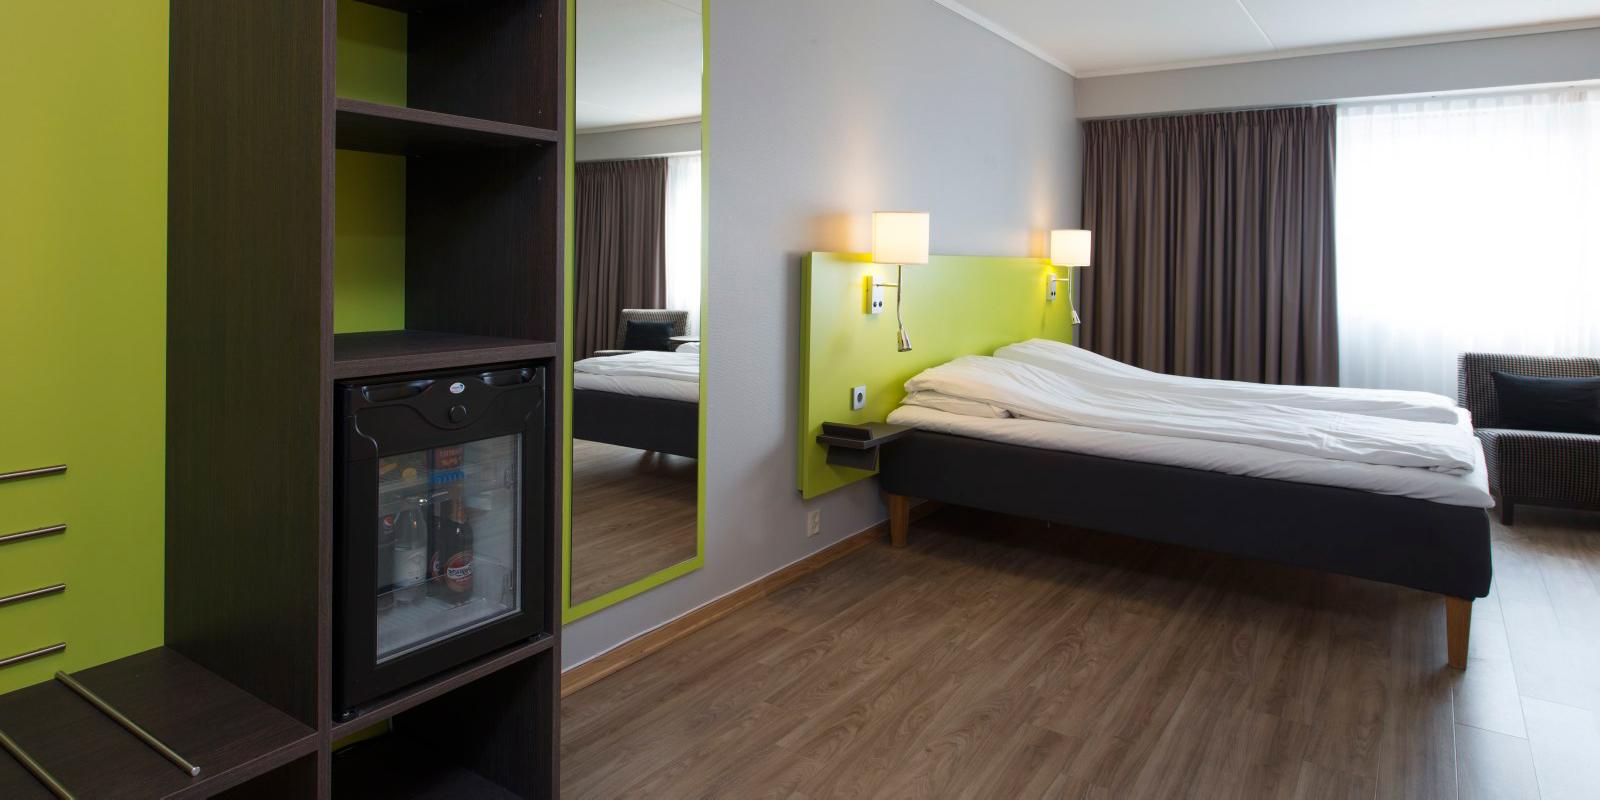 Familienzimmer - mit 16 zusätzlichen Schlafzimmer